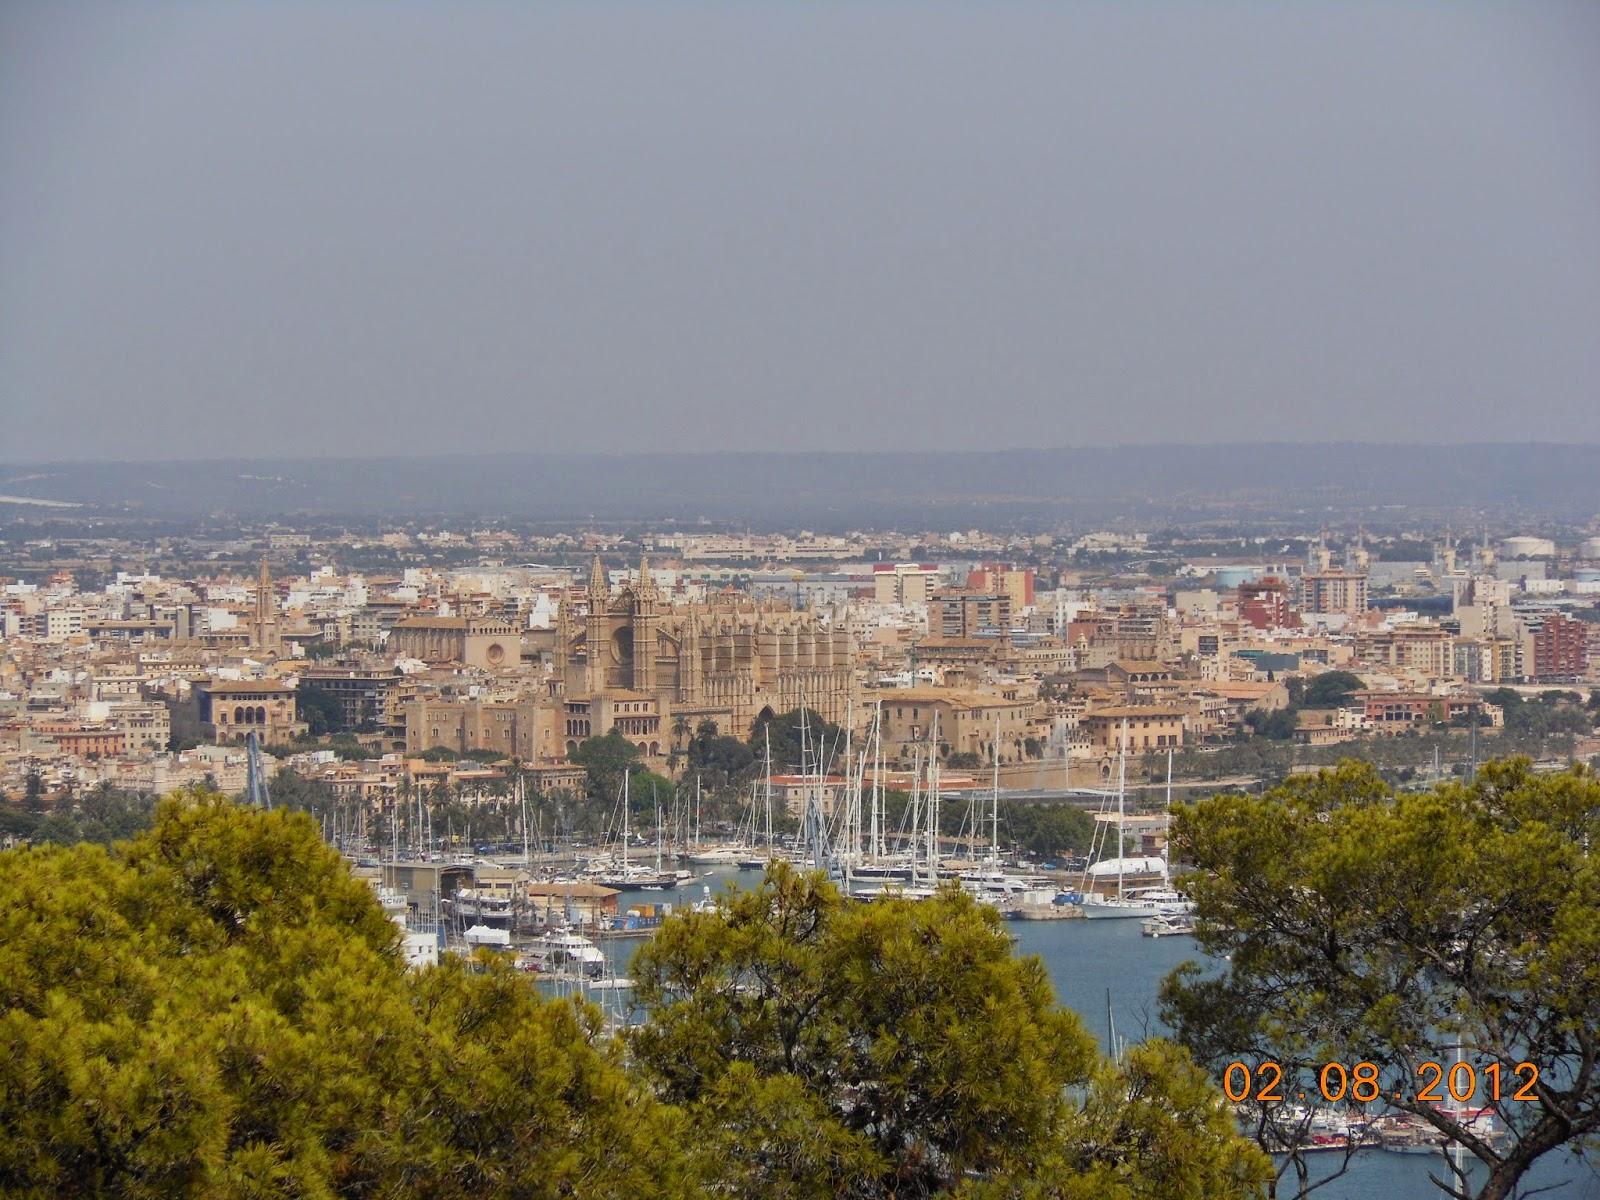 Vista do Castelo Bellver para a Catedral de Santa María de Palma de Mallorca - Espanha